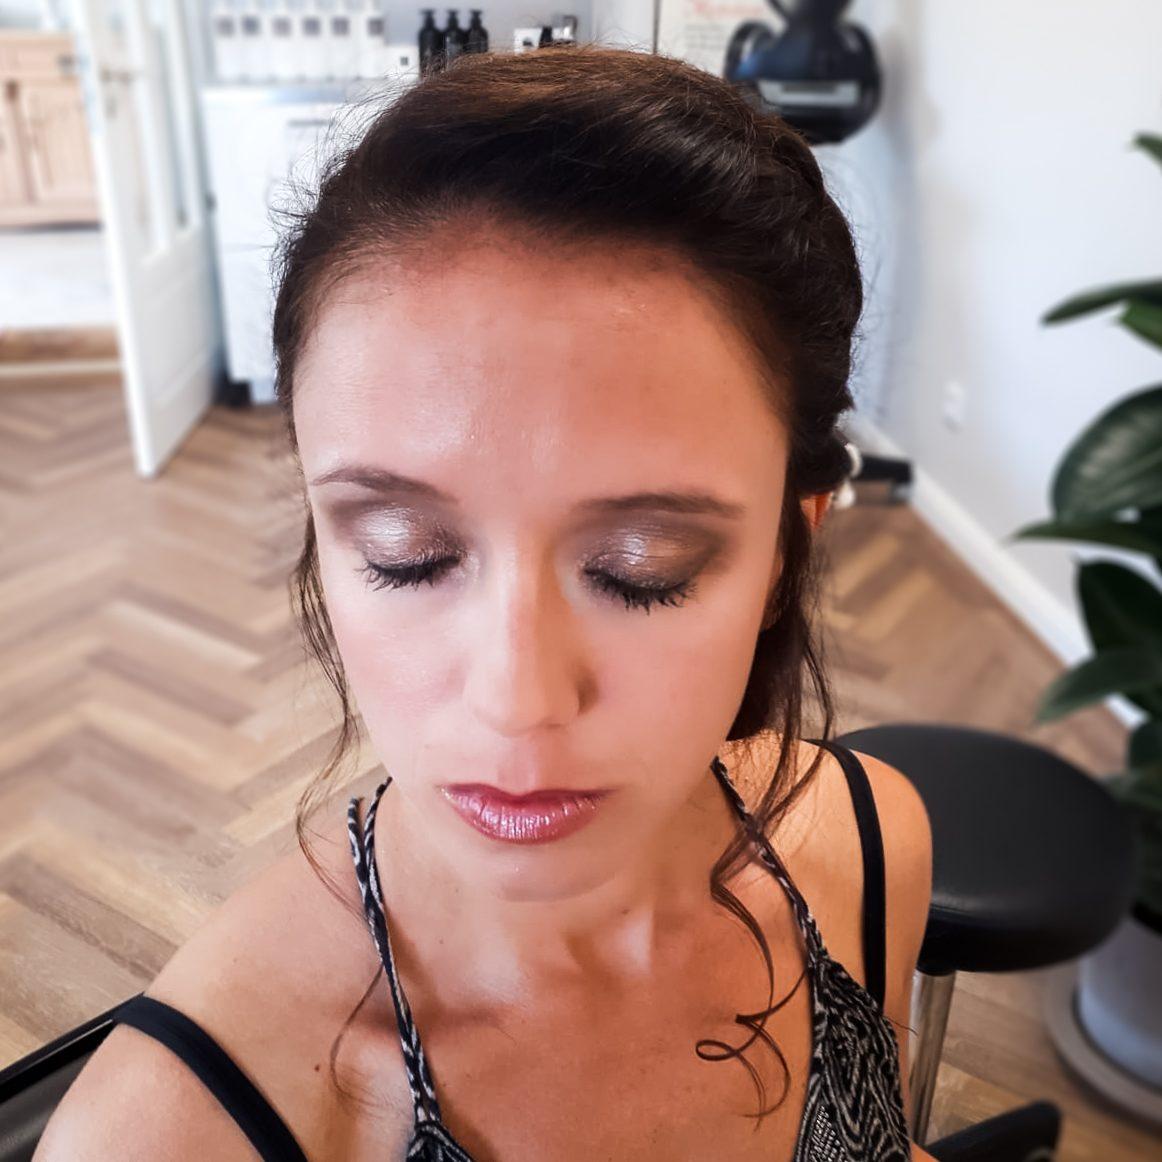 Beim Styling werden Frisur und Make Up auf den Typ der Braut und die Art der Hochzeit abgestimmt